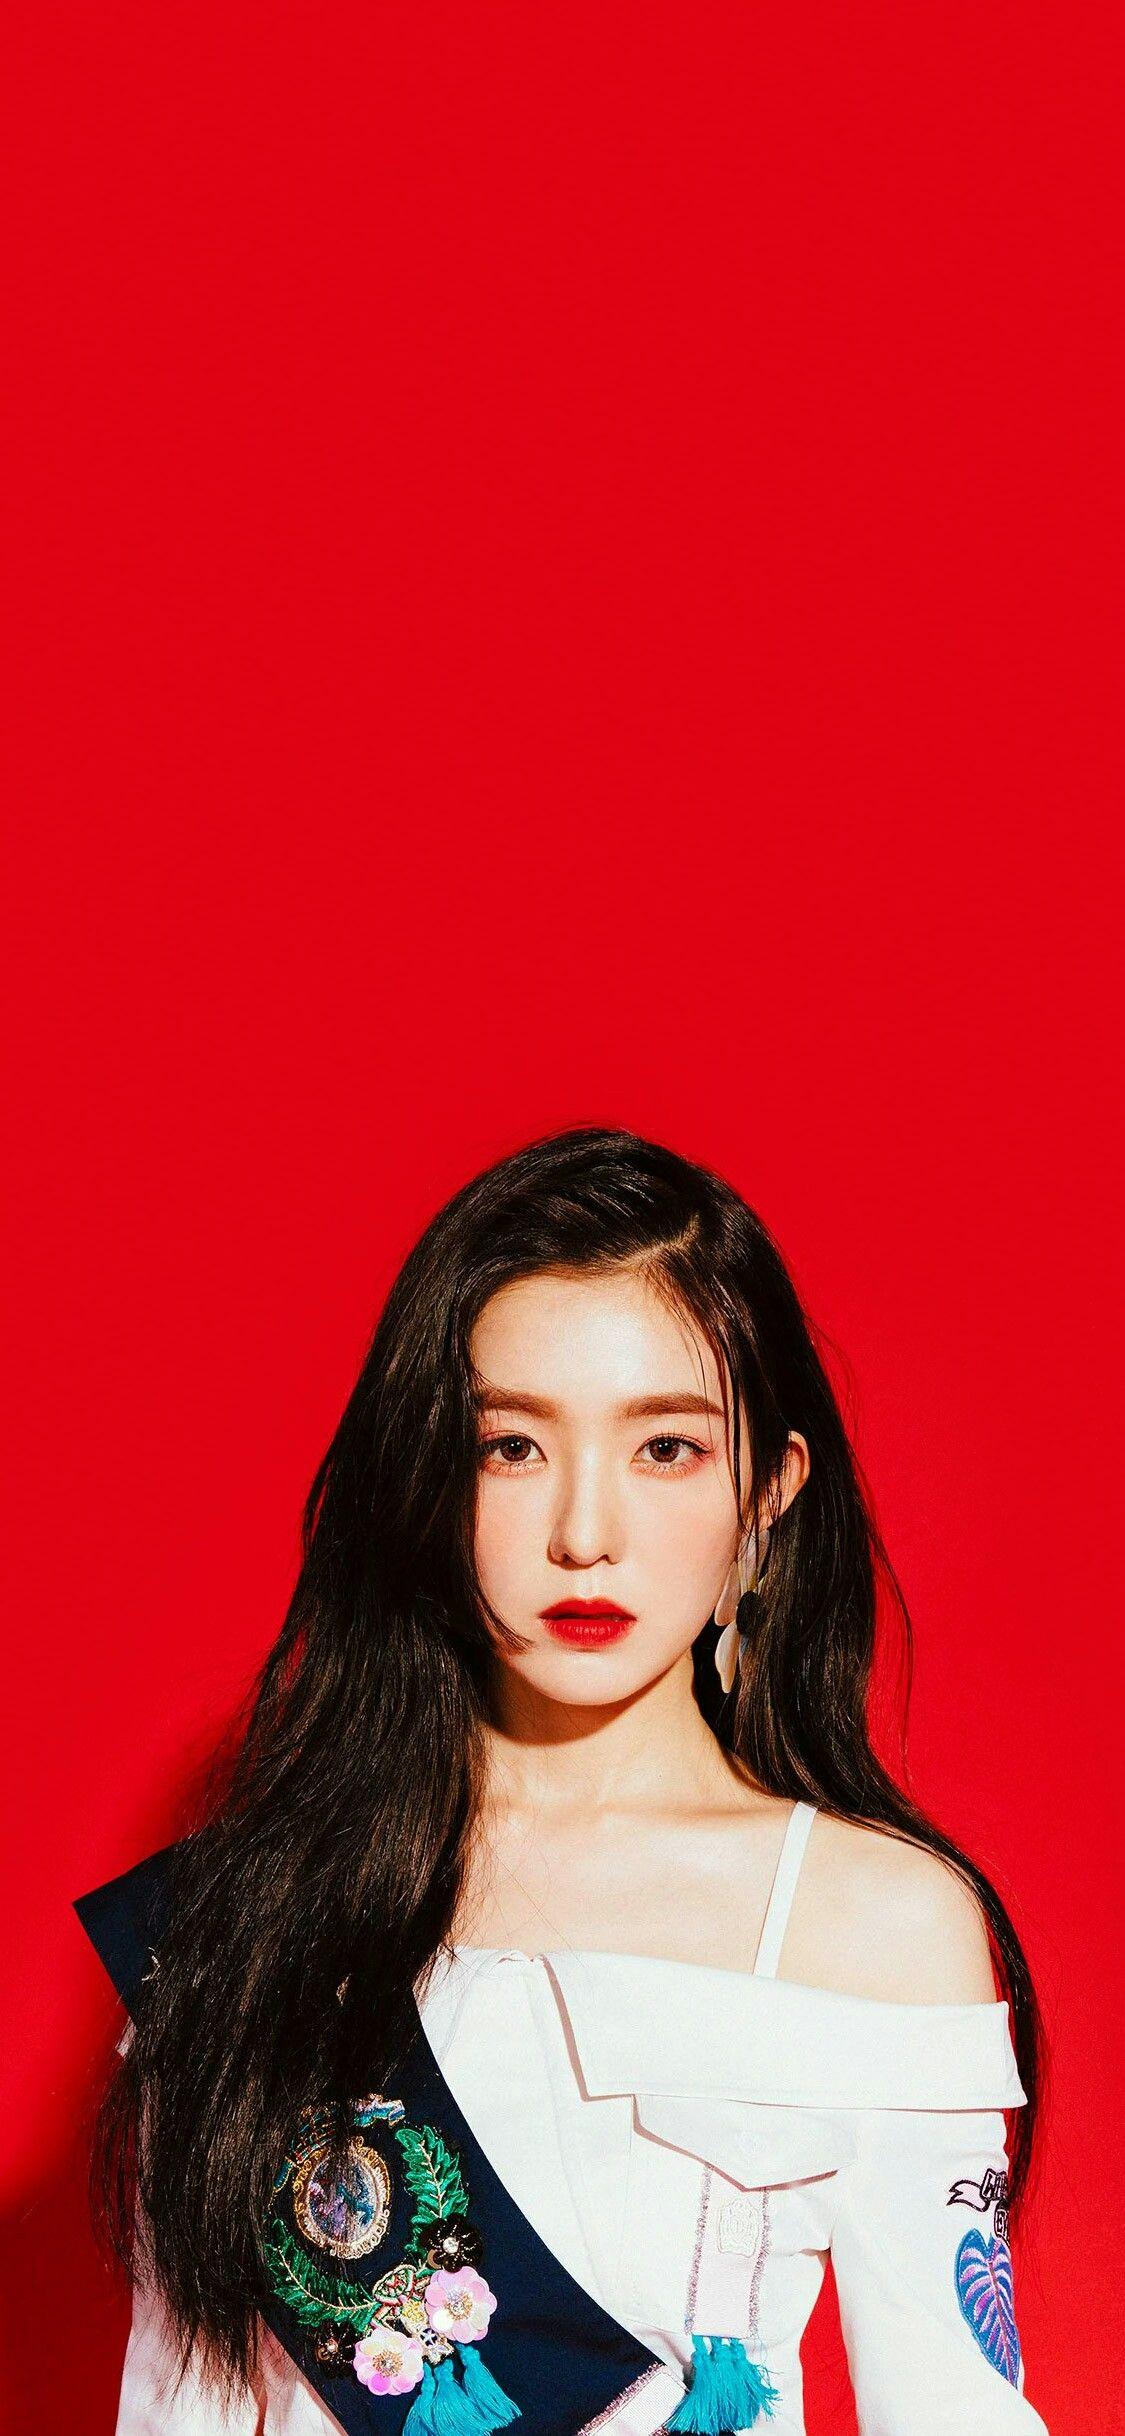 Red Velvet Wallpapers   Top Red Velvet Backgrounds 1125x2436